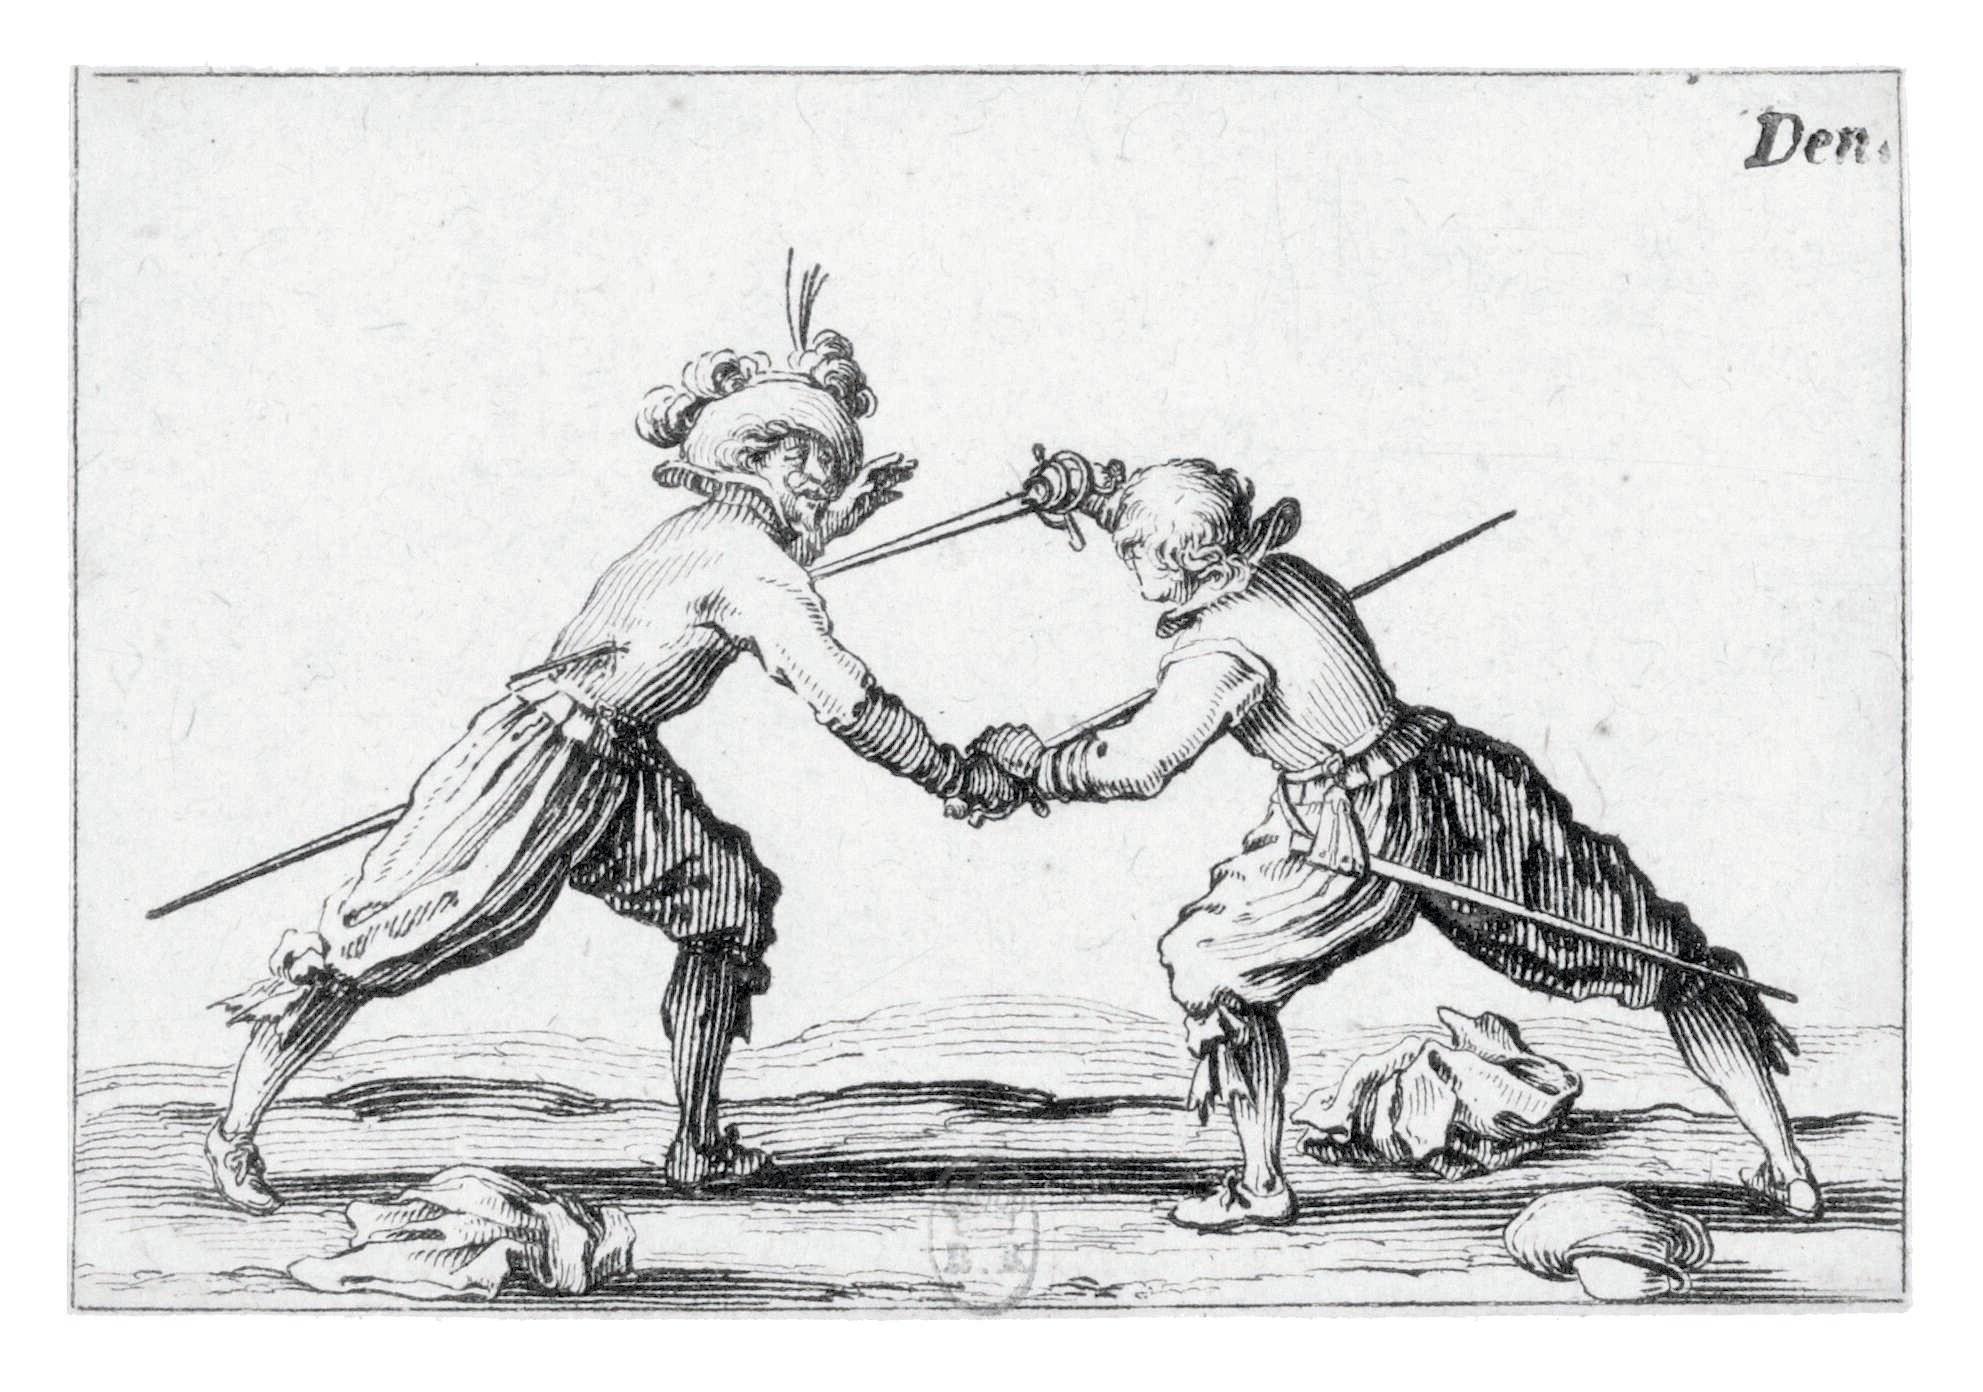 Jacques Callot, Le Duel à l'épée, 1621 - 1622